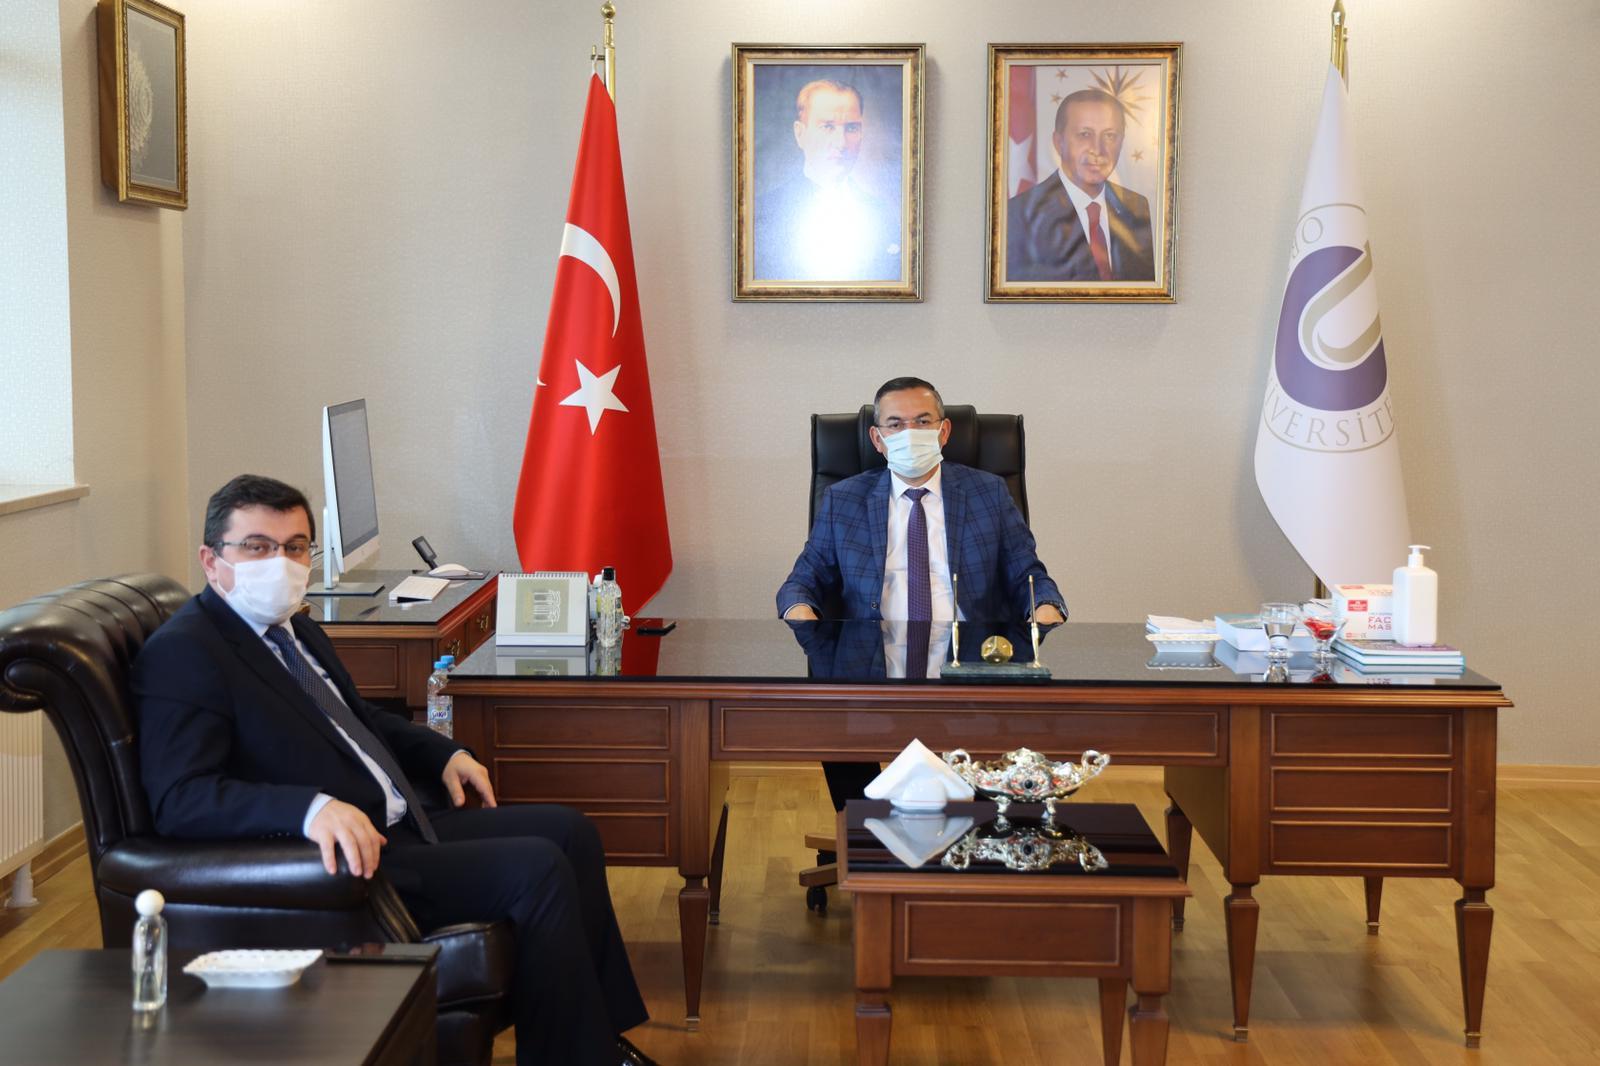 İlçe Milli Eğitim Müdürü Onur Bekyürek, Ordu Üniversitesi Rektörü Prof.Dr.Ali Akdoğan'ı Makamında Ziyaret Etti